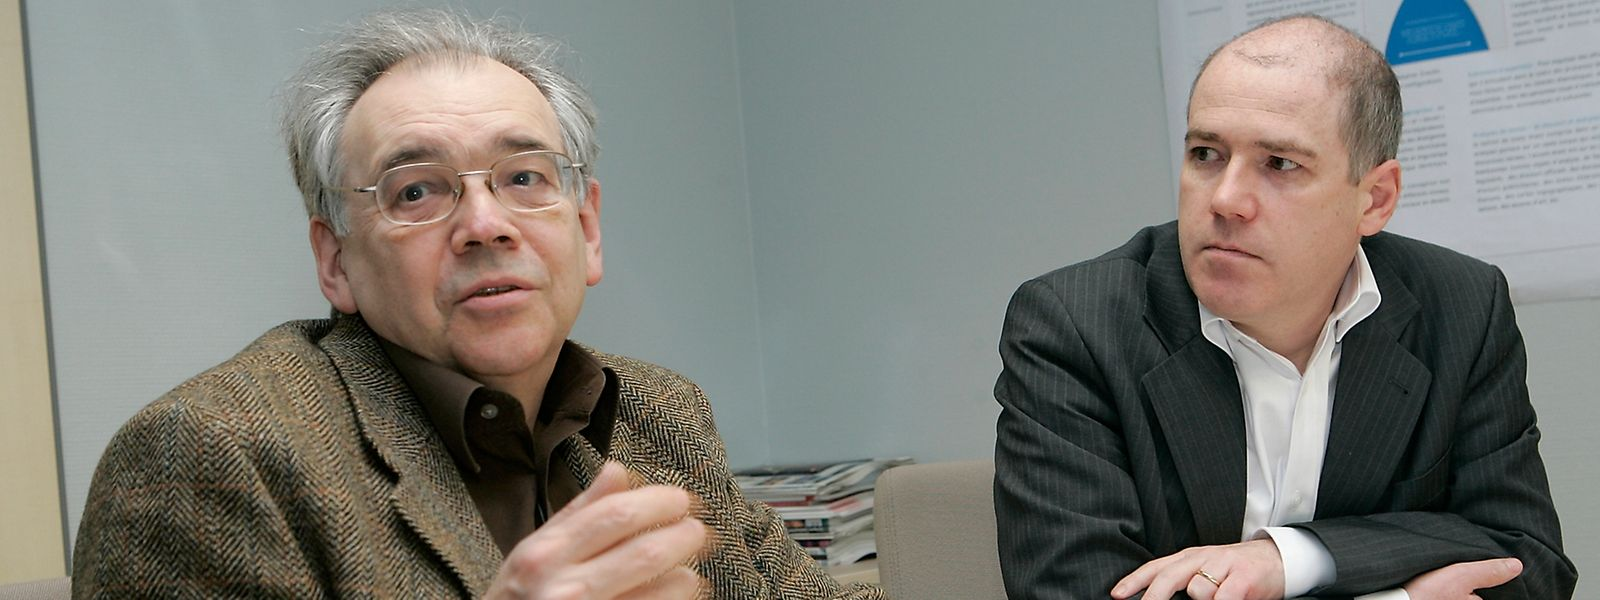 Linguistik-Professor Peter Gilles (rechts, mit dem Soziologen Fernand Fehlen im Jahr 2010) wünscht sich einen konsequenteren Luxemburgisch-Unterricht in allen Schulstufen.